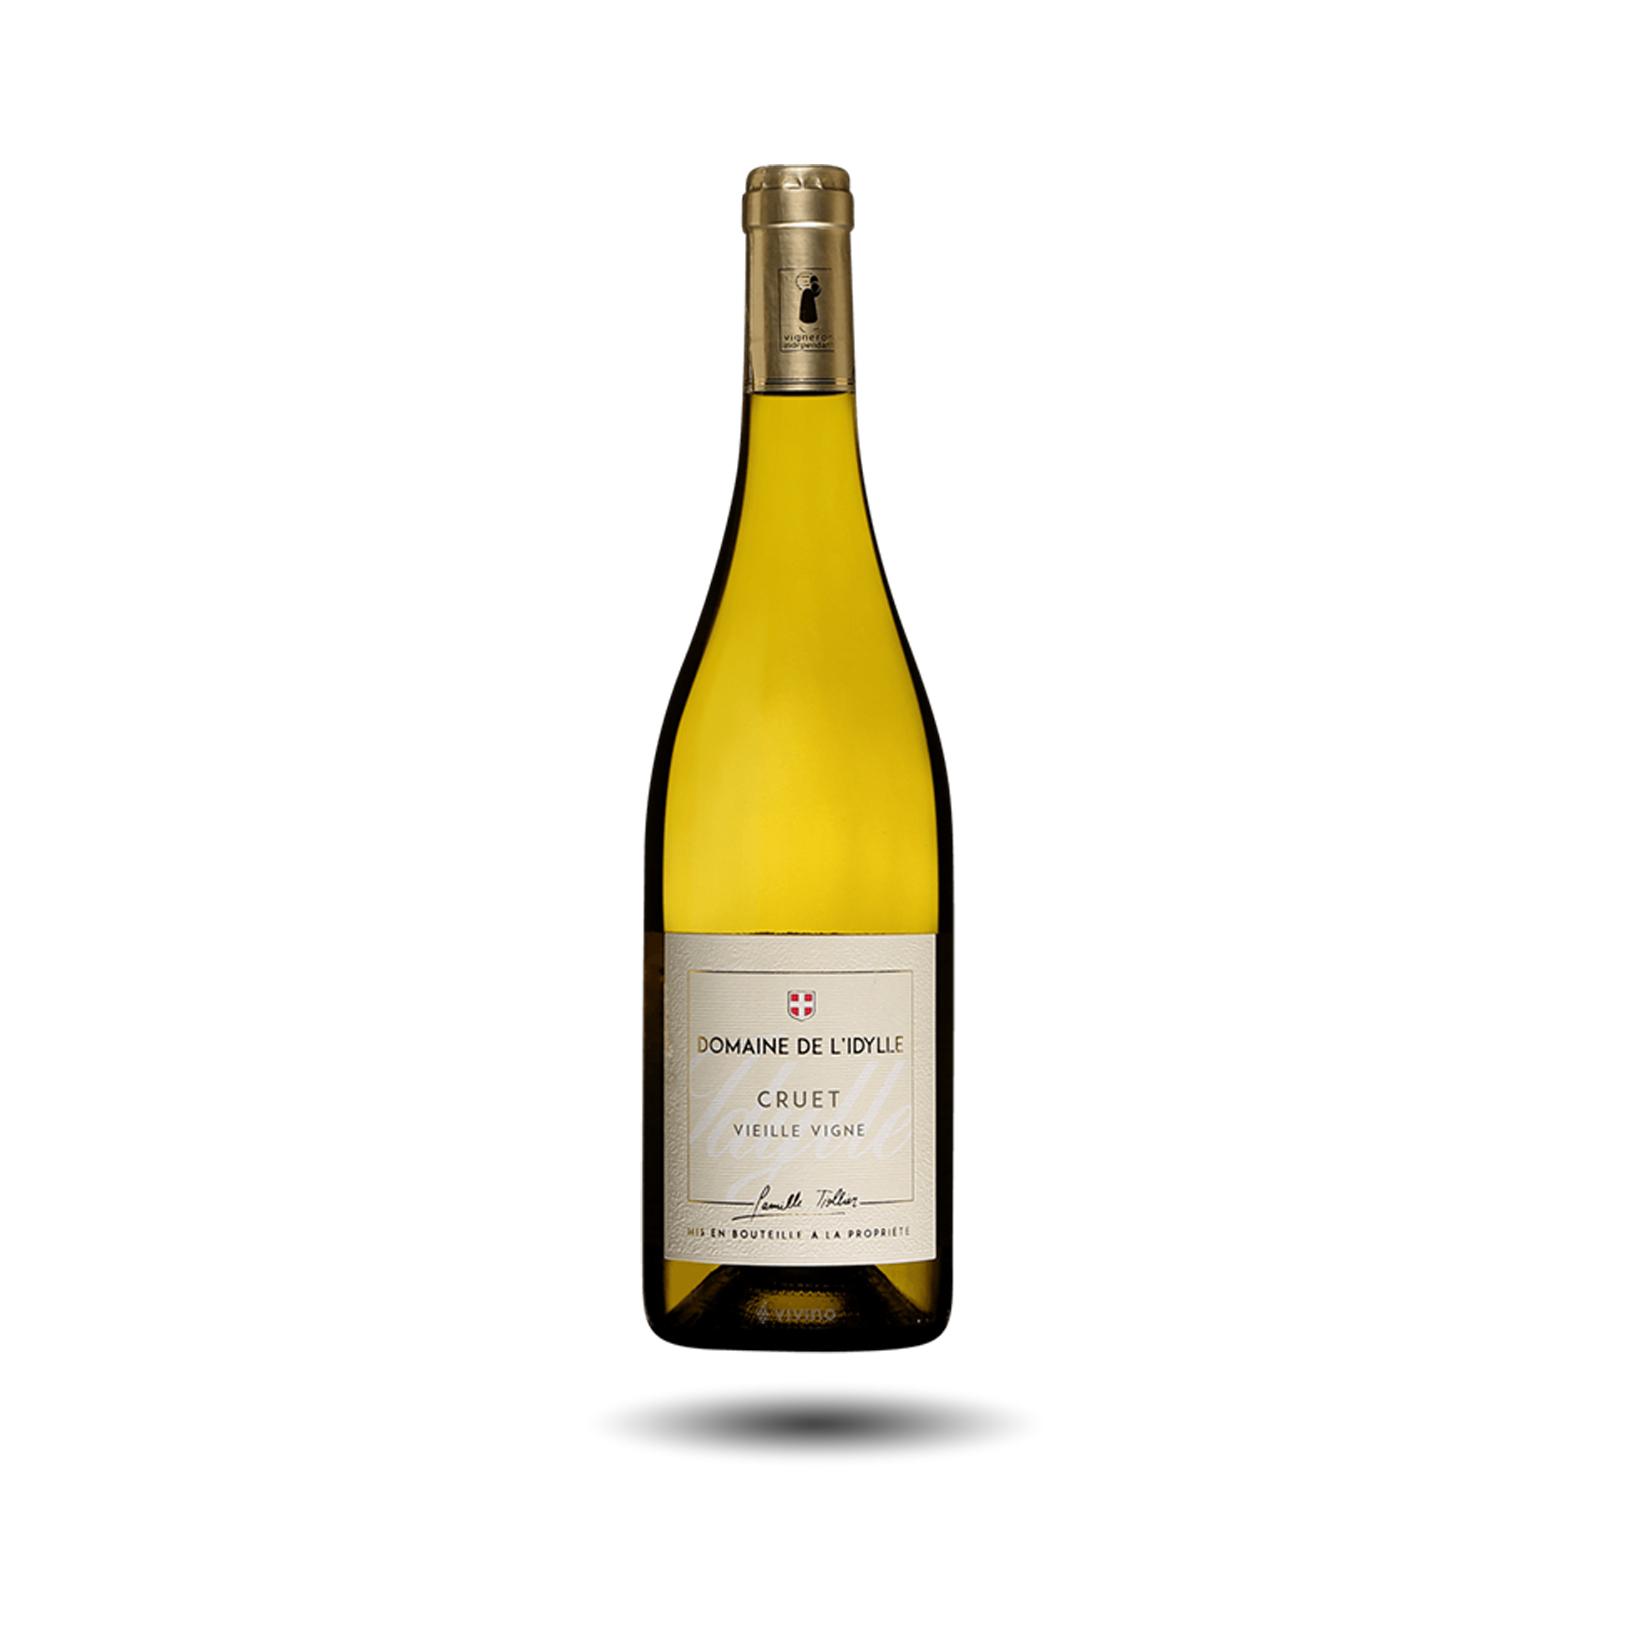 Cruet Vielles Vignes - Domaine de L'Idylle, 2019